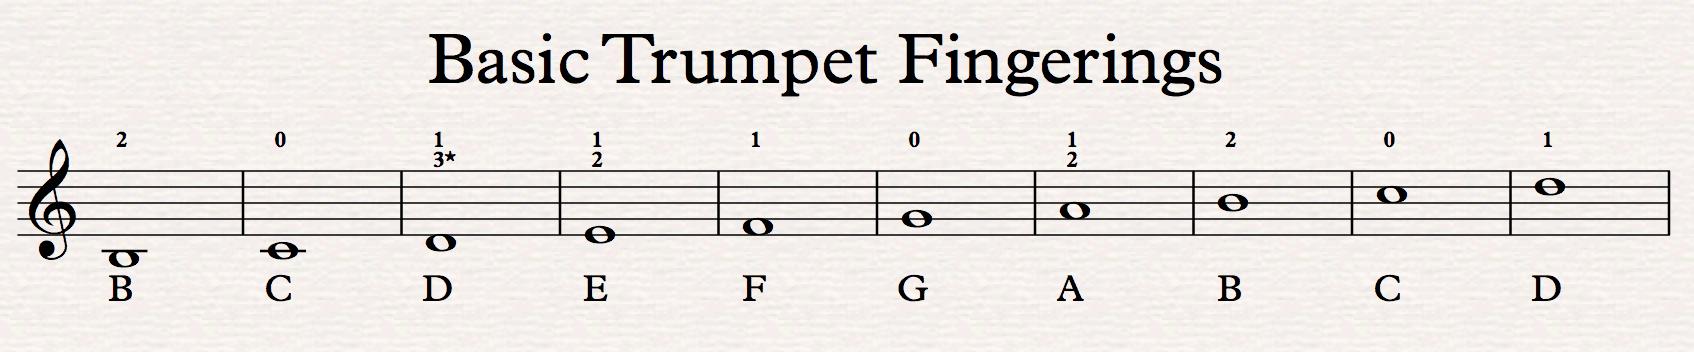 Trumpet Fingering Chart | Trumpet Fingering Chart Trumpet Heroes